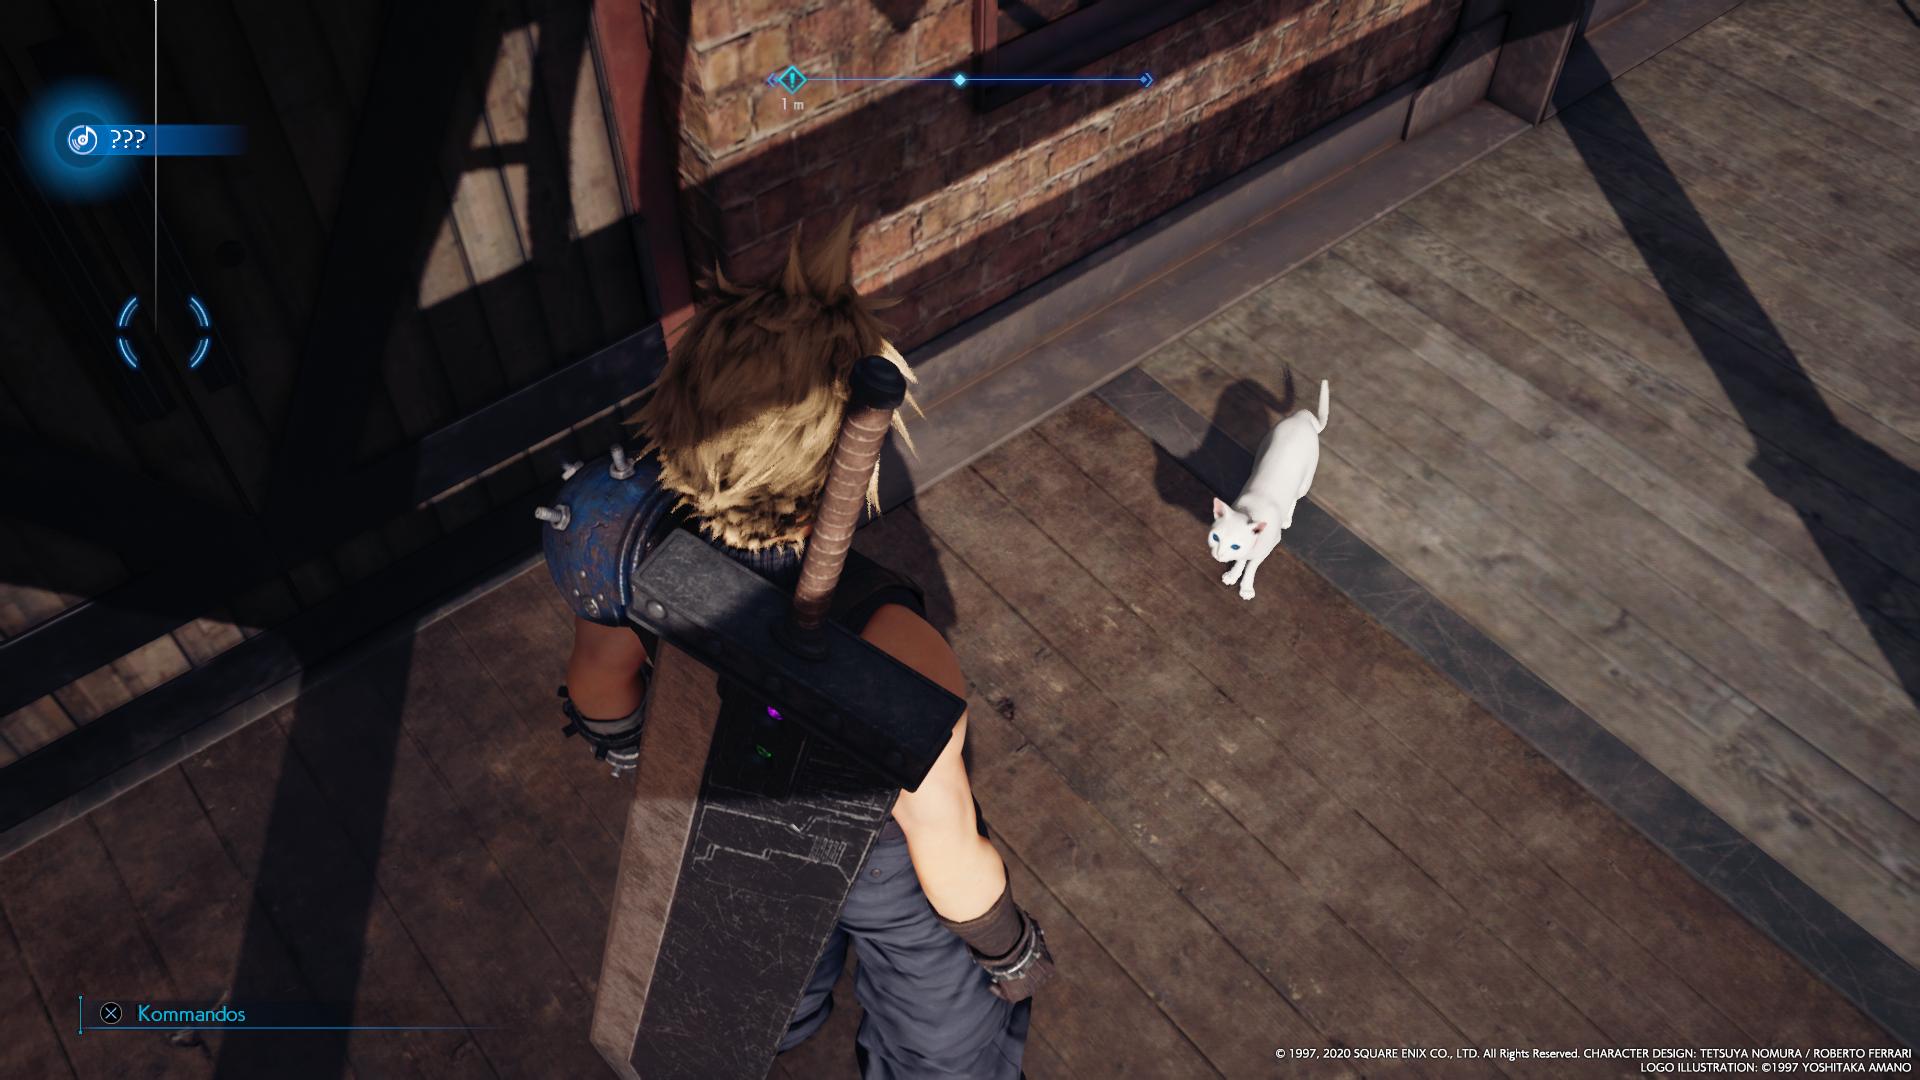 Das Remake enthält zahlreiche Neuerungen, wie zum Beispiel diese Katze.